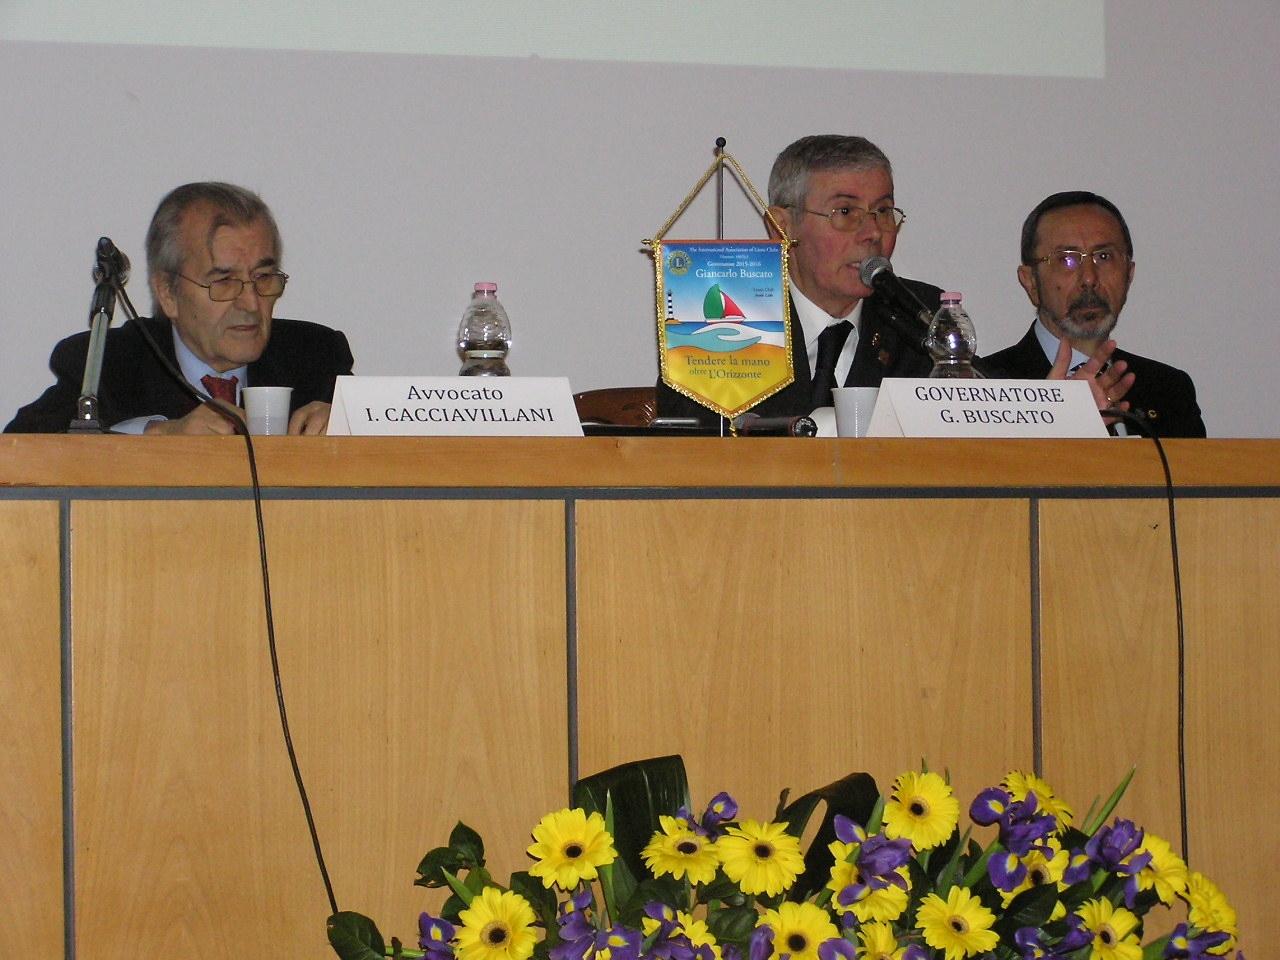 DISTRETTO 108TA3: ASSEMBLEA INTERMEDIA, all' Istituto Salesiano Astori di Mogliano, 21 novembre